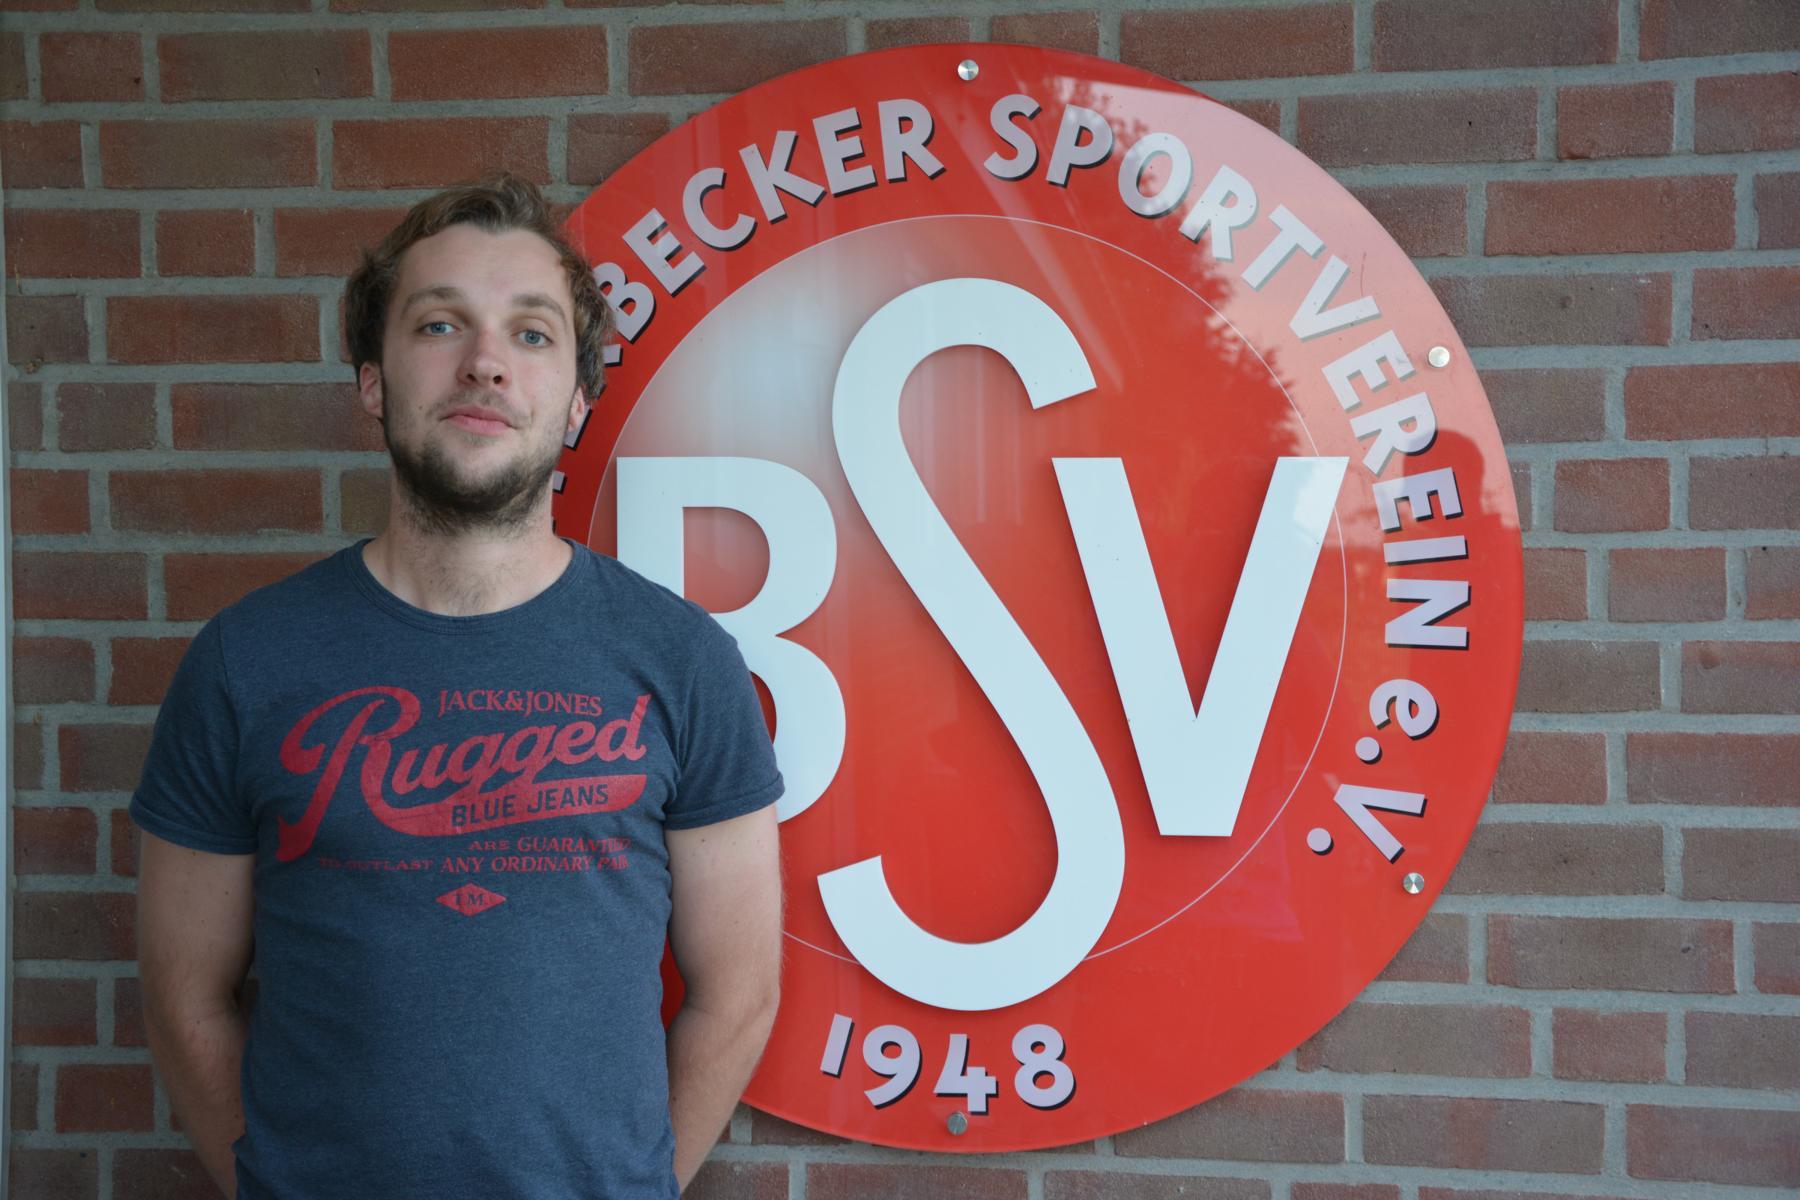 Christian Ventker